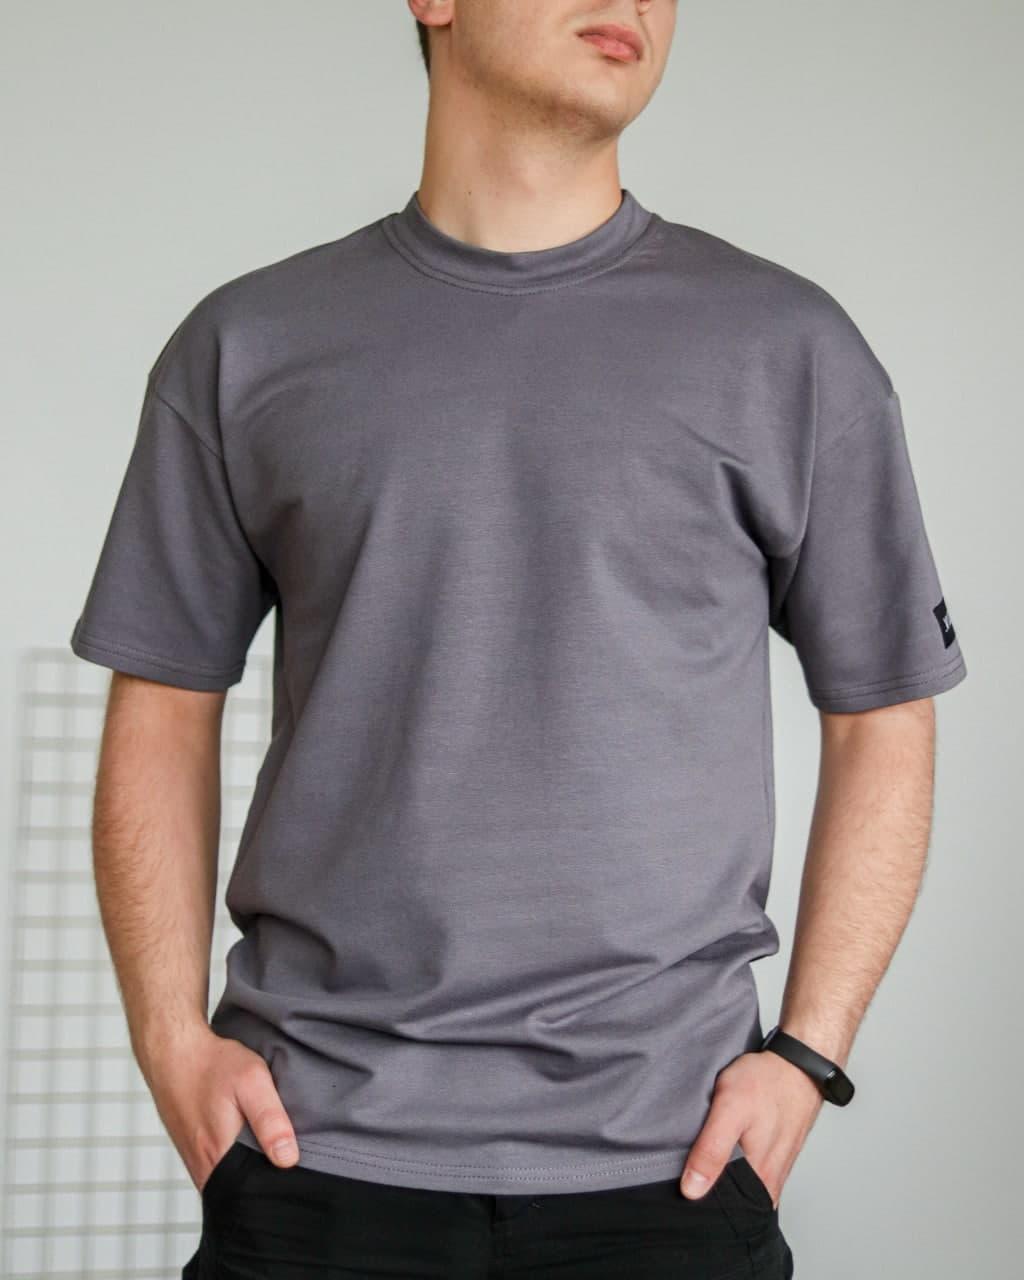 Футболка чоловіча базова сіра без принта. Чоловіча базова футболка сірого кольору без принтів.